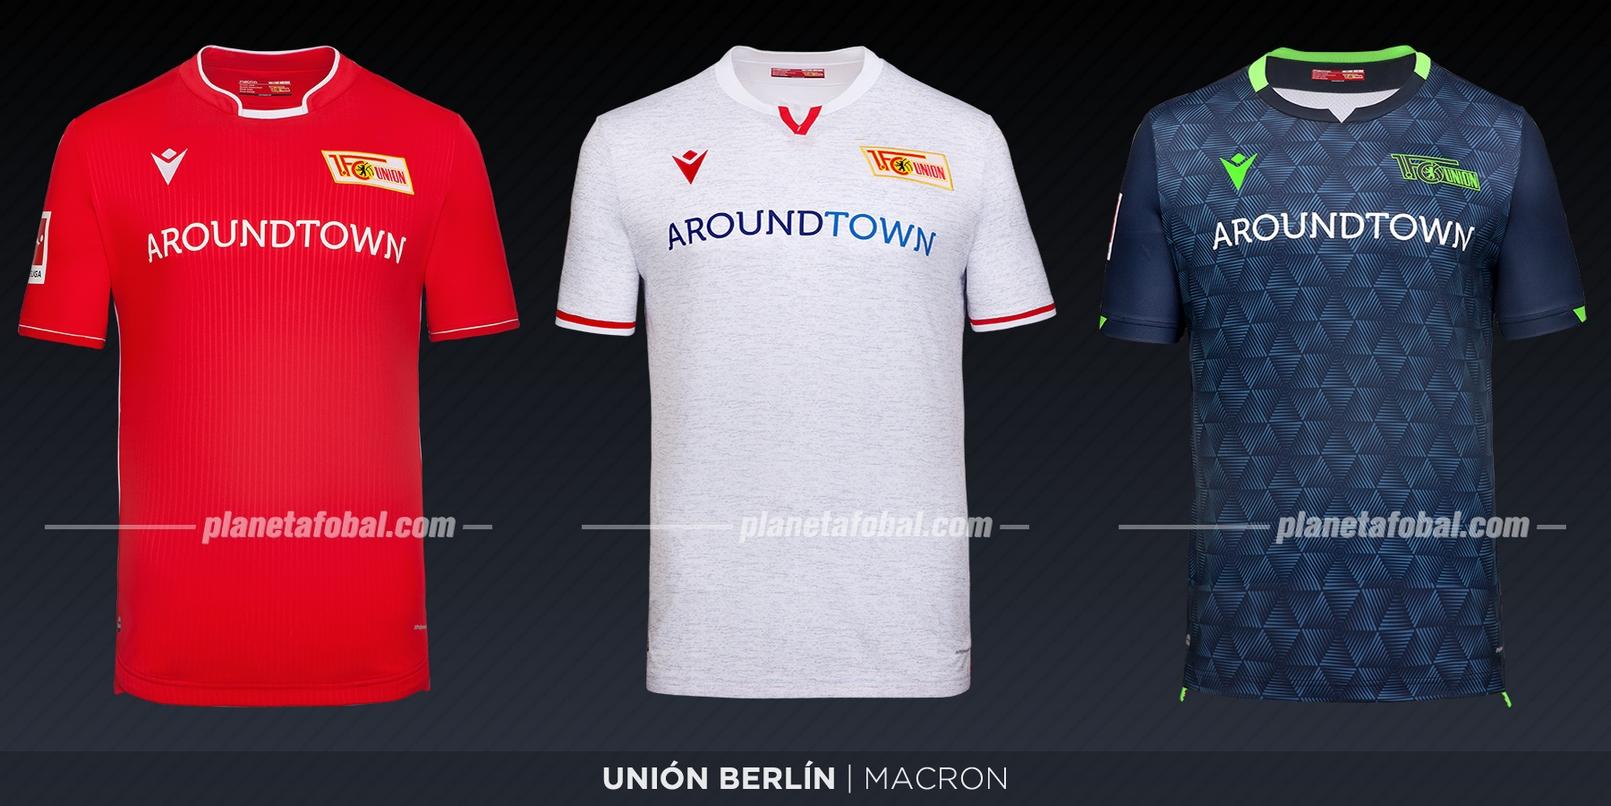 Unión Berlín (Macron) | Camisetas de la Bundesliga 2019-2020